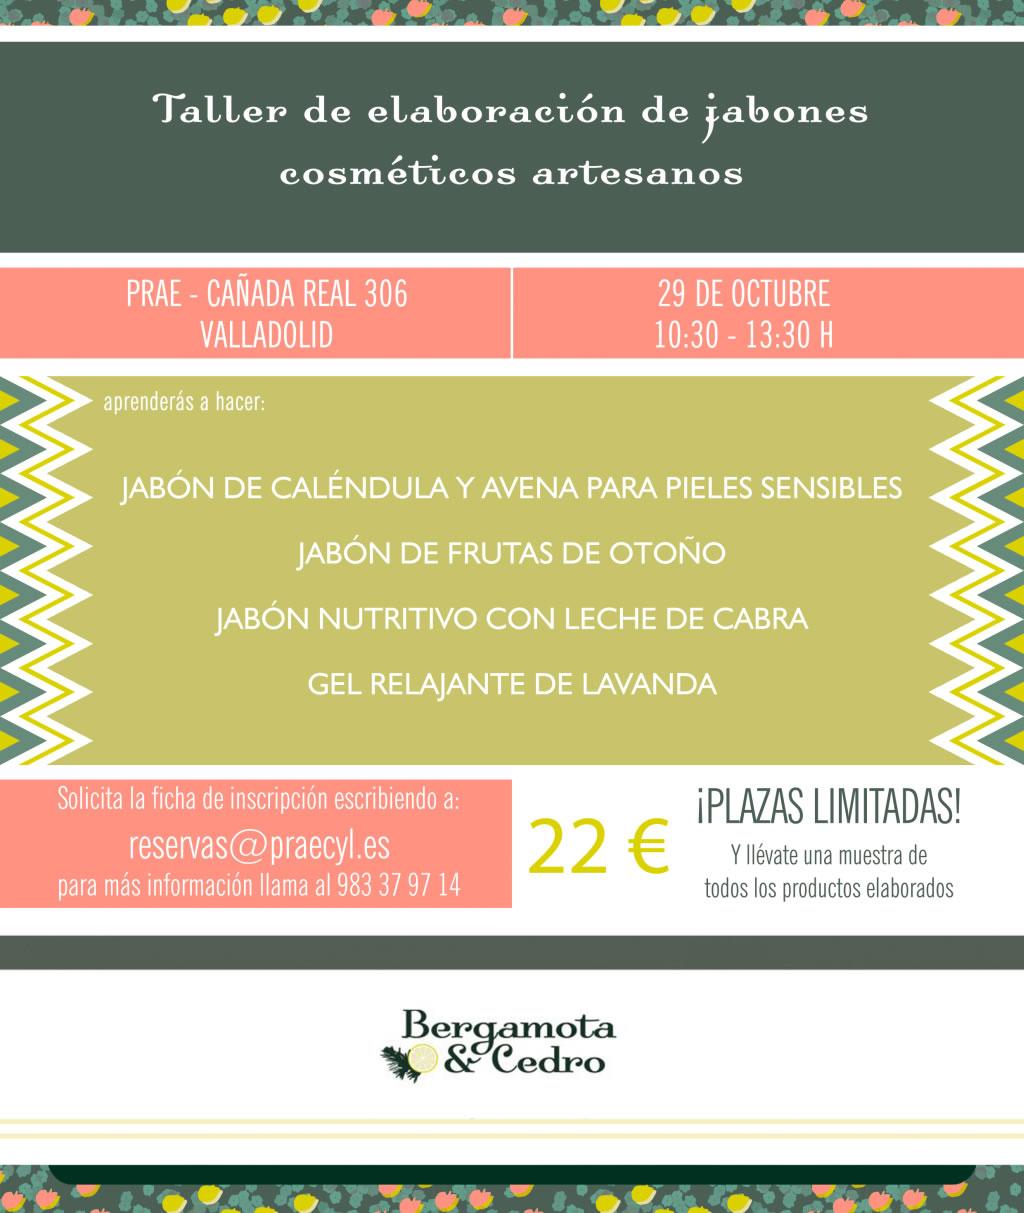 TALLER DE ELABORACIÓN DE JABONES COSMÉTICOS NATURALES